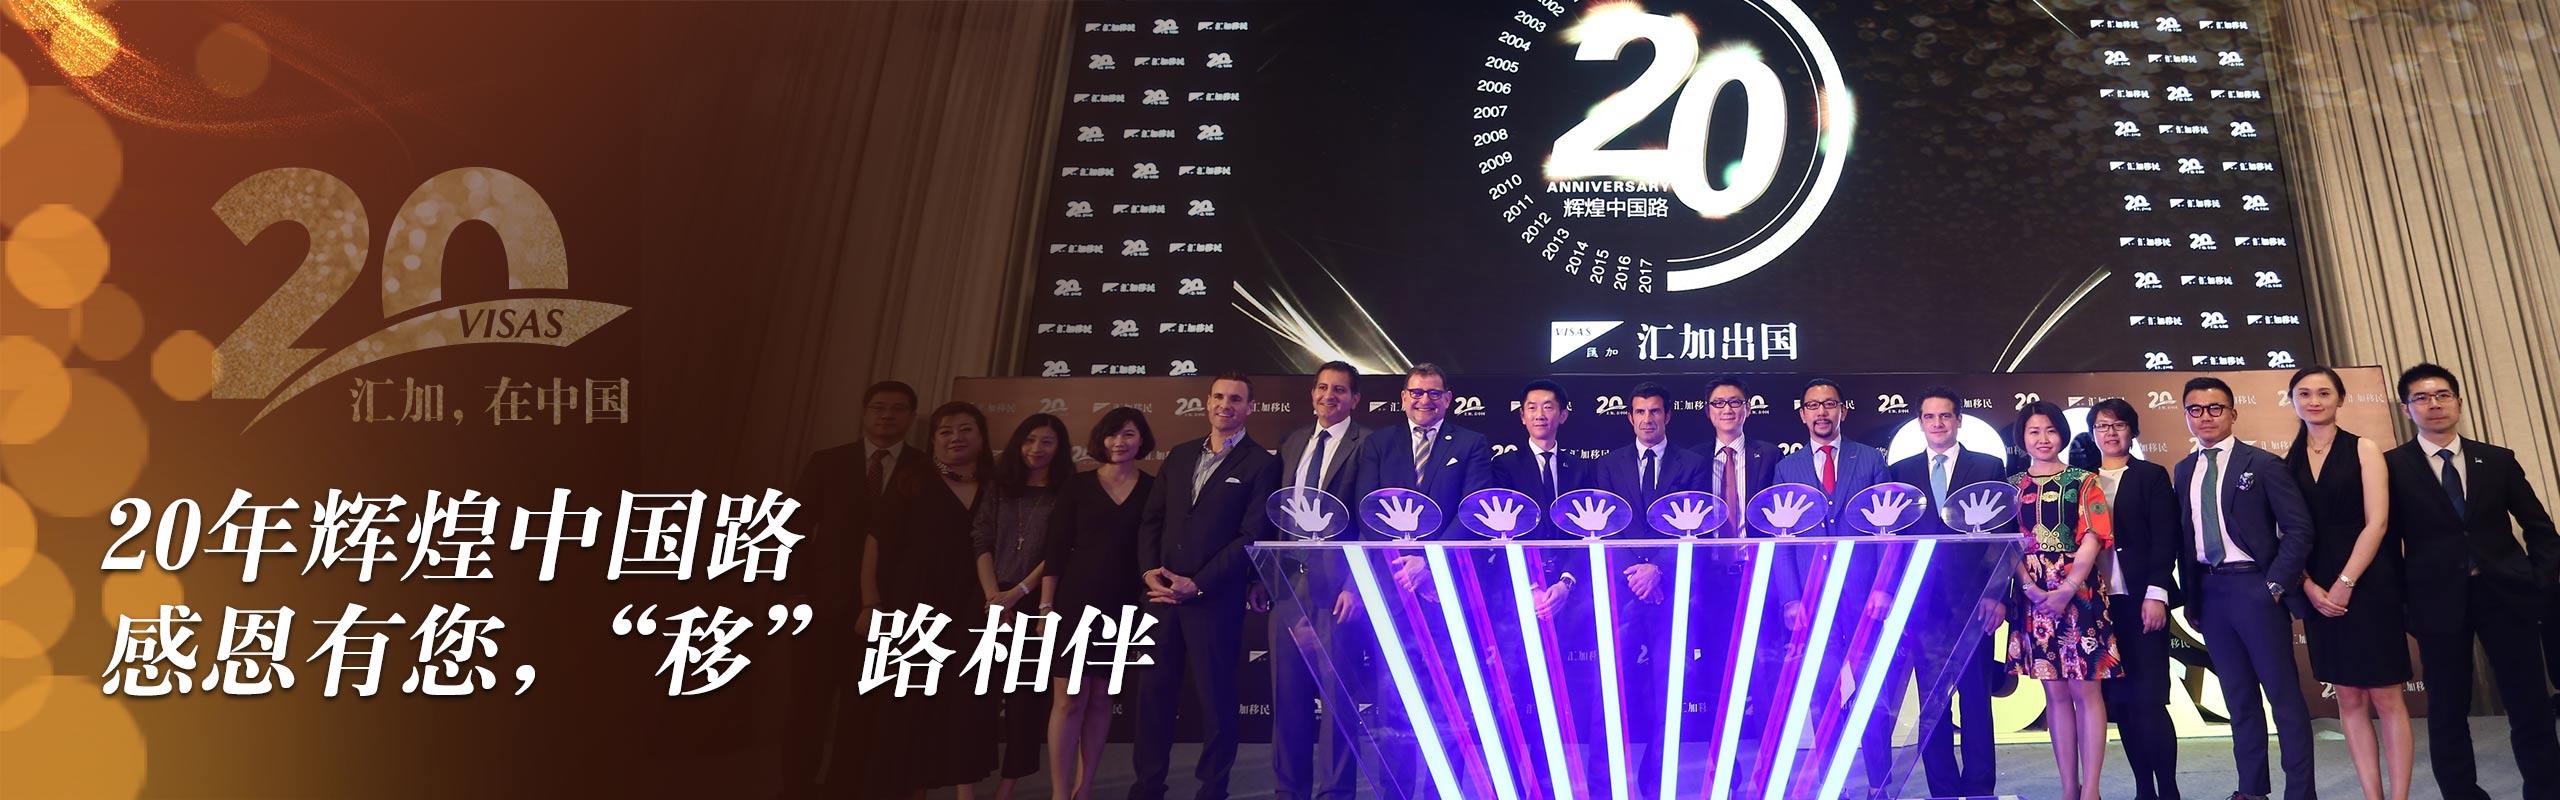 汇加中国20周年庆典